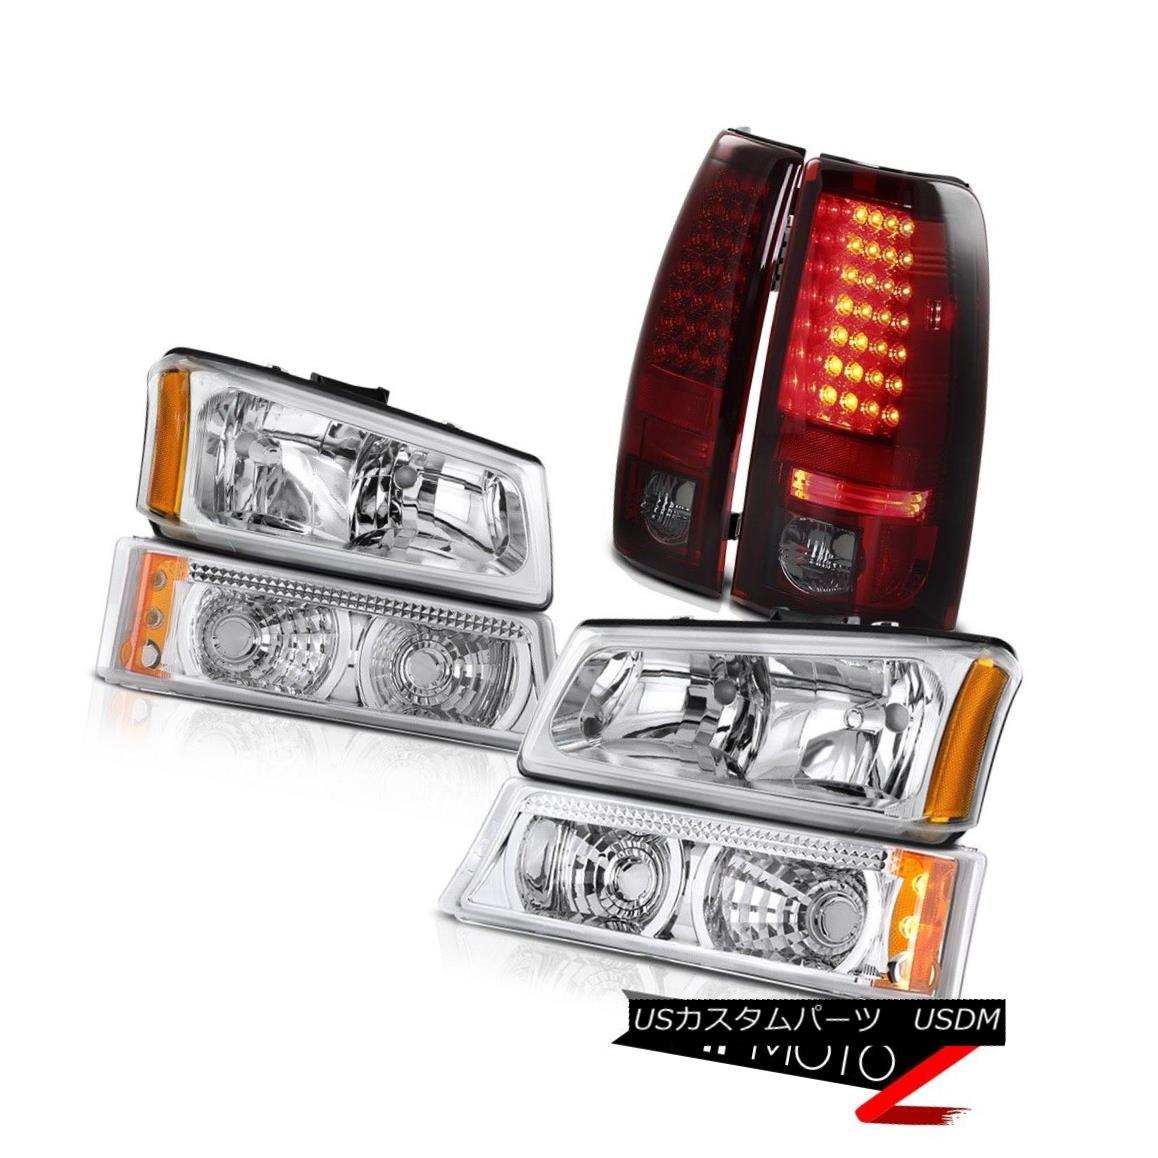 ヘッドライト Crystal Clear Headlights Turn Signal Bumper Light 03-06 Silverado SMD LED Brake クリスタルクリアヘッドライトターンシグナルバンパーライト03-06 Silverado SMD LEDブレーキ